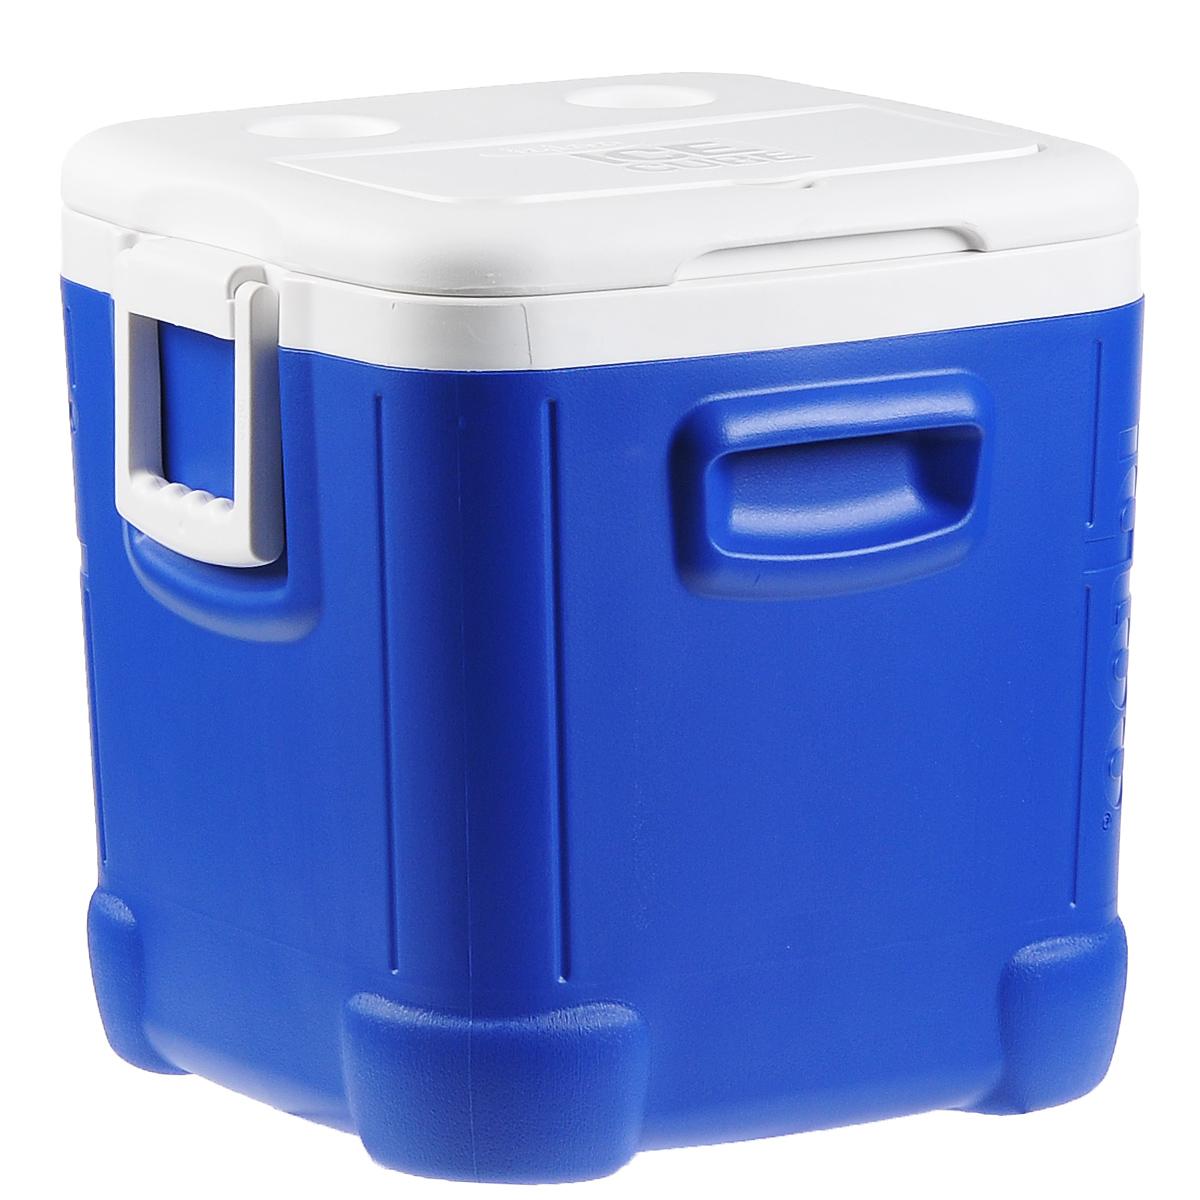 Контейнер изотермический Igloo Ice Cube, 45 л44347Удобный и прочный изотермический контейнер Igloo Ice Cube предназначен для сохранения определенной температуры продуктов во время длительных поездок. Корпус и крышка контейнера изготовлены из высококачественного пластика. Между двойными стенками находится термоизоляционный слой, который обеспечивает сохранение температуры. У контейнера одно большое вместительное отделение и 2 небольших на крышке. Крышка плотно плотно закрывается. Контейнер оснащен 2 ручками по бокам для переноски. При использовании аккумулятора холода контейнер обеспечивает сохранение продуктов холодными до 24 часов. Контейнер такого размера идеально подойдет для пикника или для поездки на дачу, или просто для длительной поездки.Контейнеры Igloo Ice Cube можно использовать не только для сохранения холодных продуктов, но и для транспортировки горячих блюд. В этом случае аккумуляторы нагреваются в горячей воде (температура около 80°С) и превращаются в аккумуляторы тепла. Подготовленные блюда перед транспортировкой подогреваются и укладываются в контейнер.